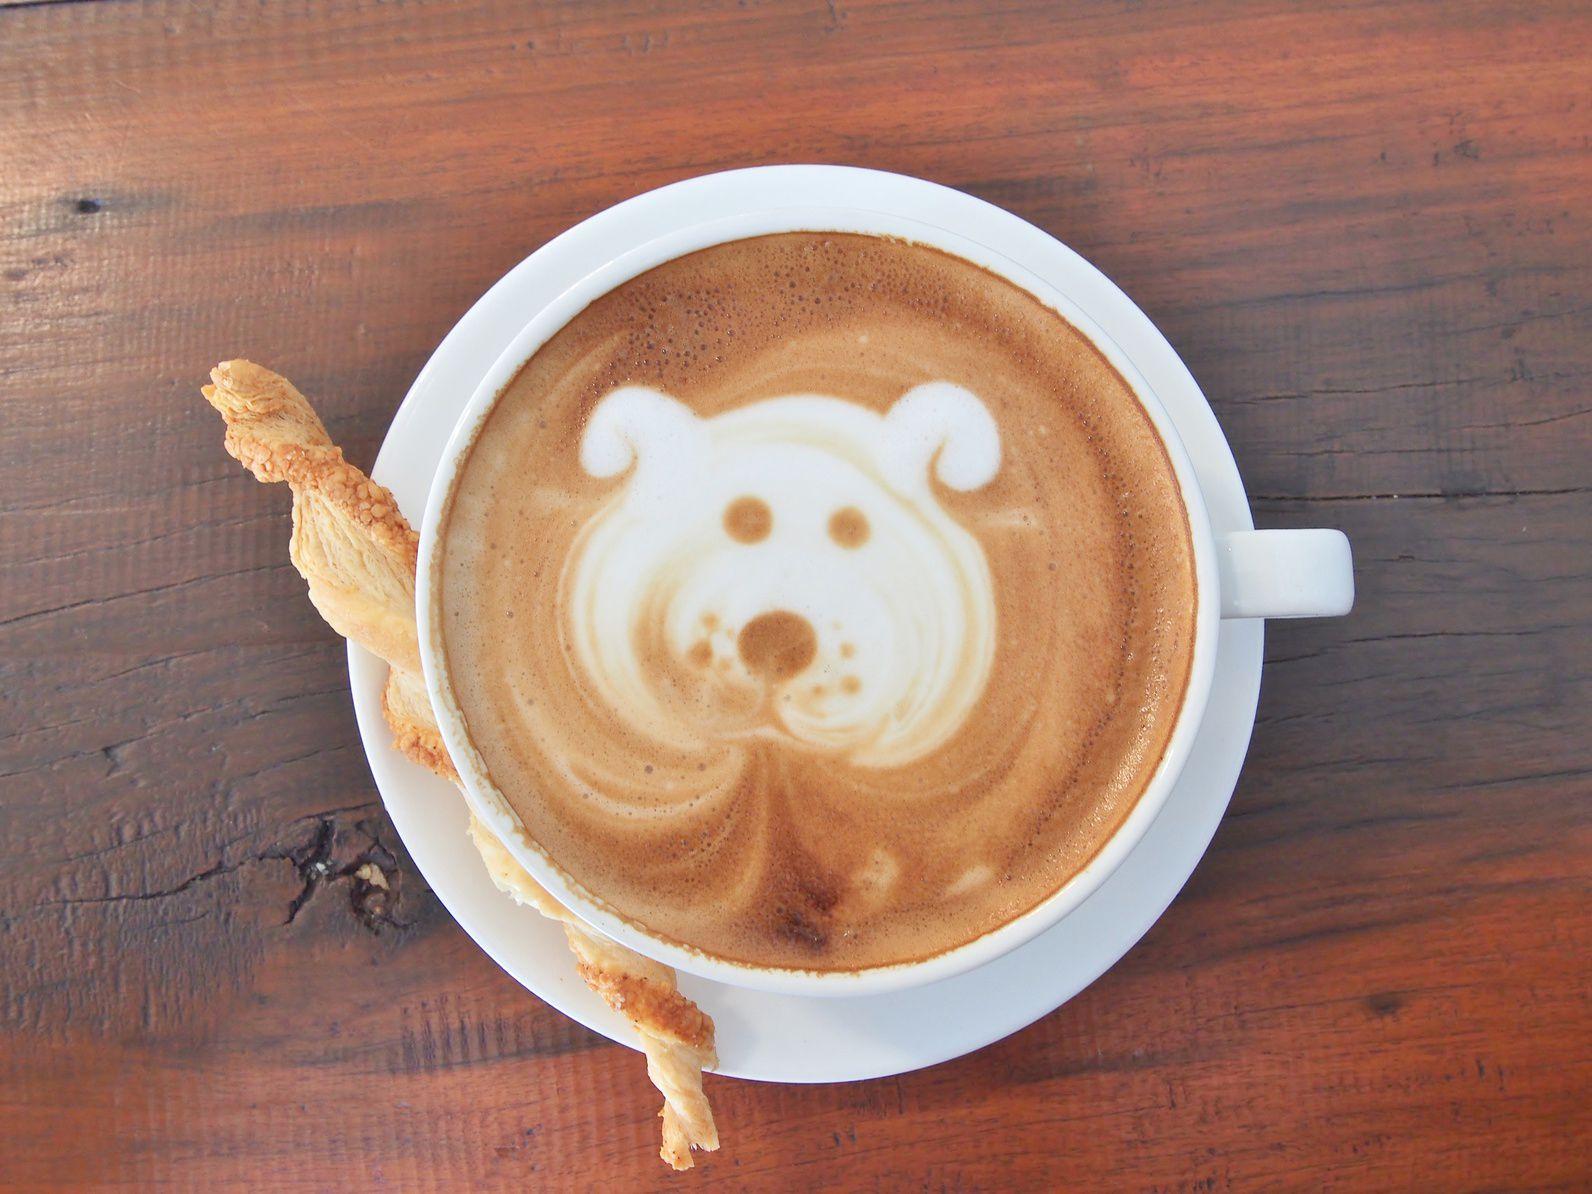 愛犬と楽しむドッグカフェで気をつけたいマナー